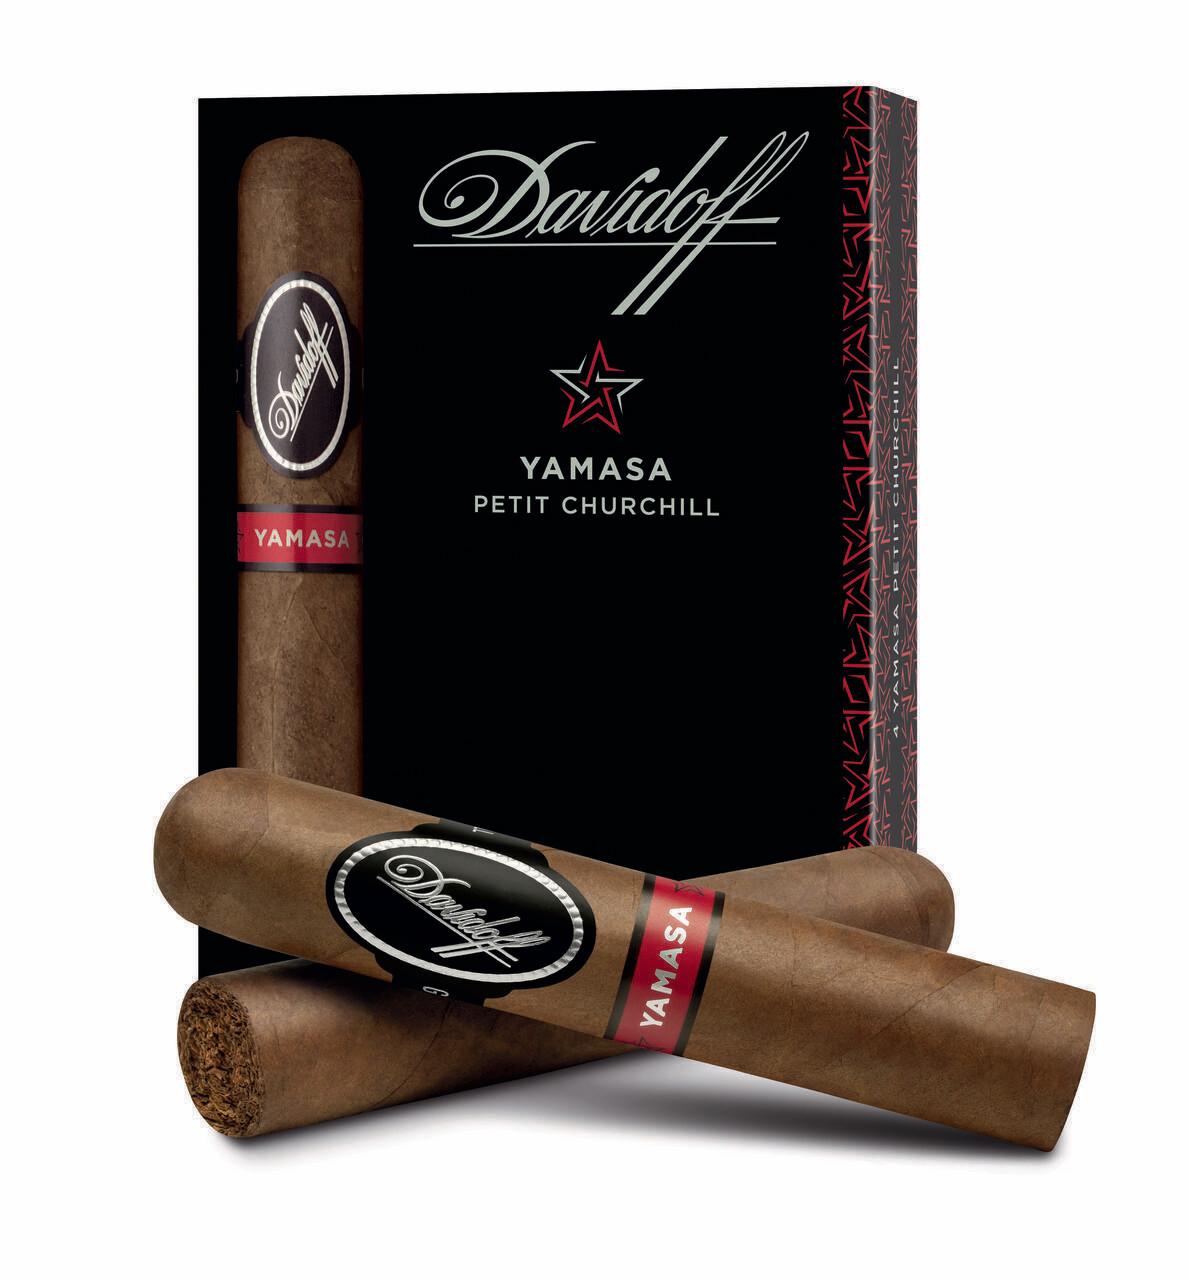 Davidoff Yamasa Petit Churchill 4-Pack